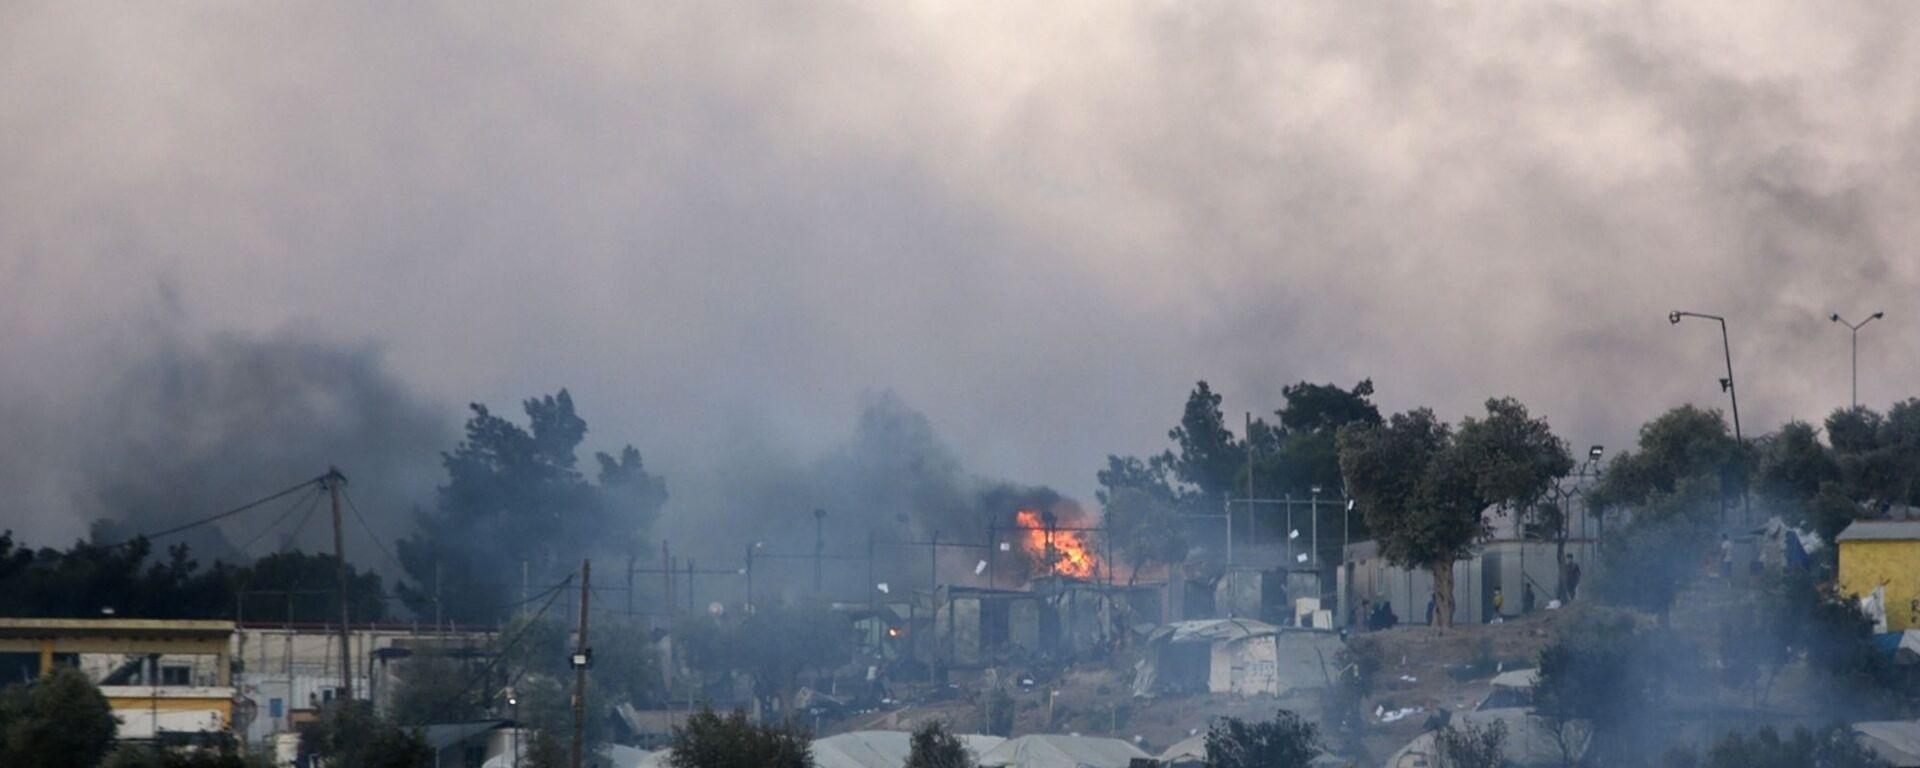 Pożar w obozie dla uchodźców w Moria na greckiej wyspie Lesbos  - Sputnik Polska, 1920, 07.08.2021